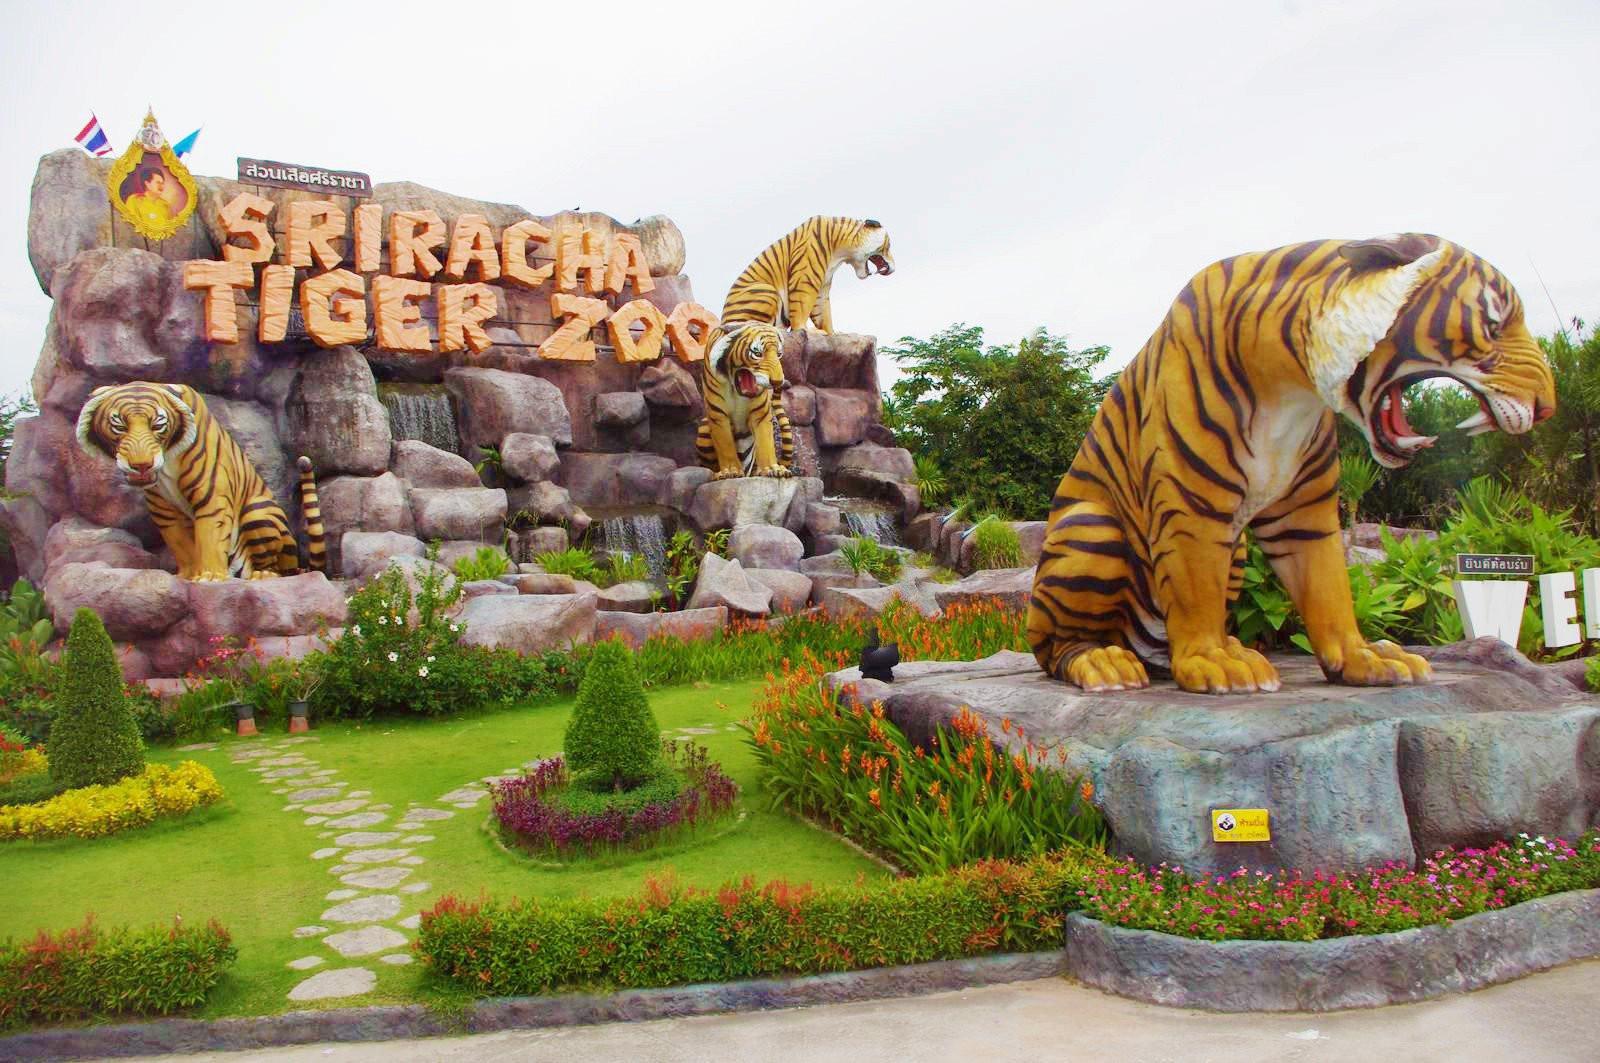 Du lịch Thái Lan – hành trình khám phá công viên Sriracha Tiger Zoo - ảnh 1